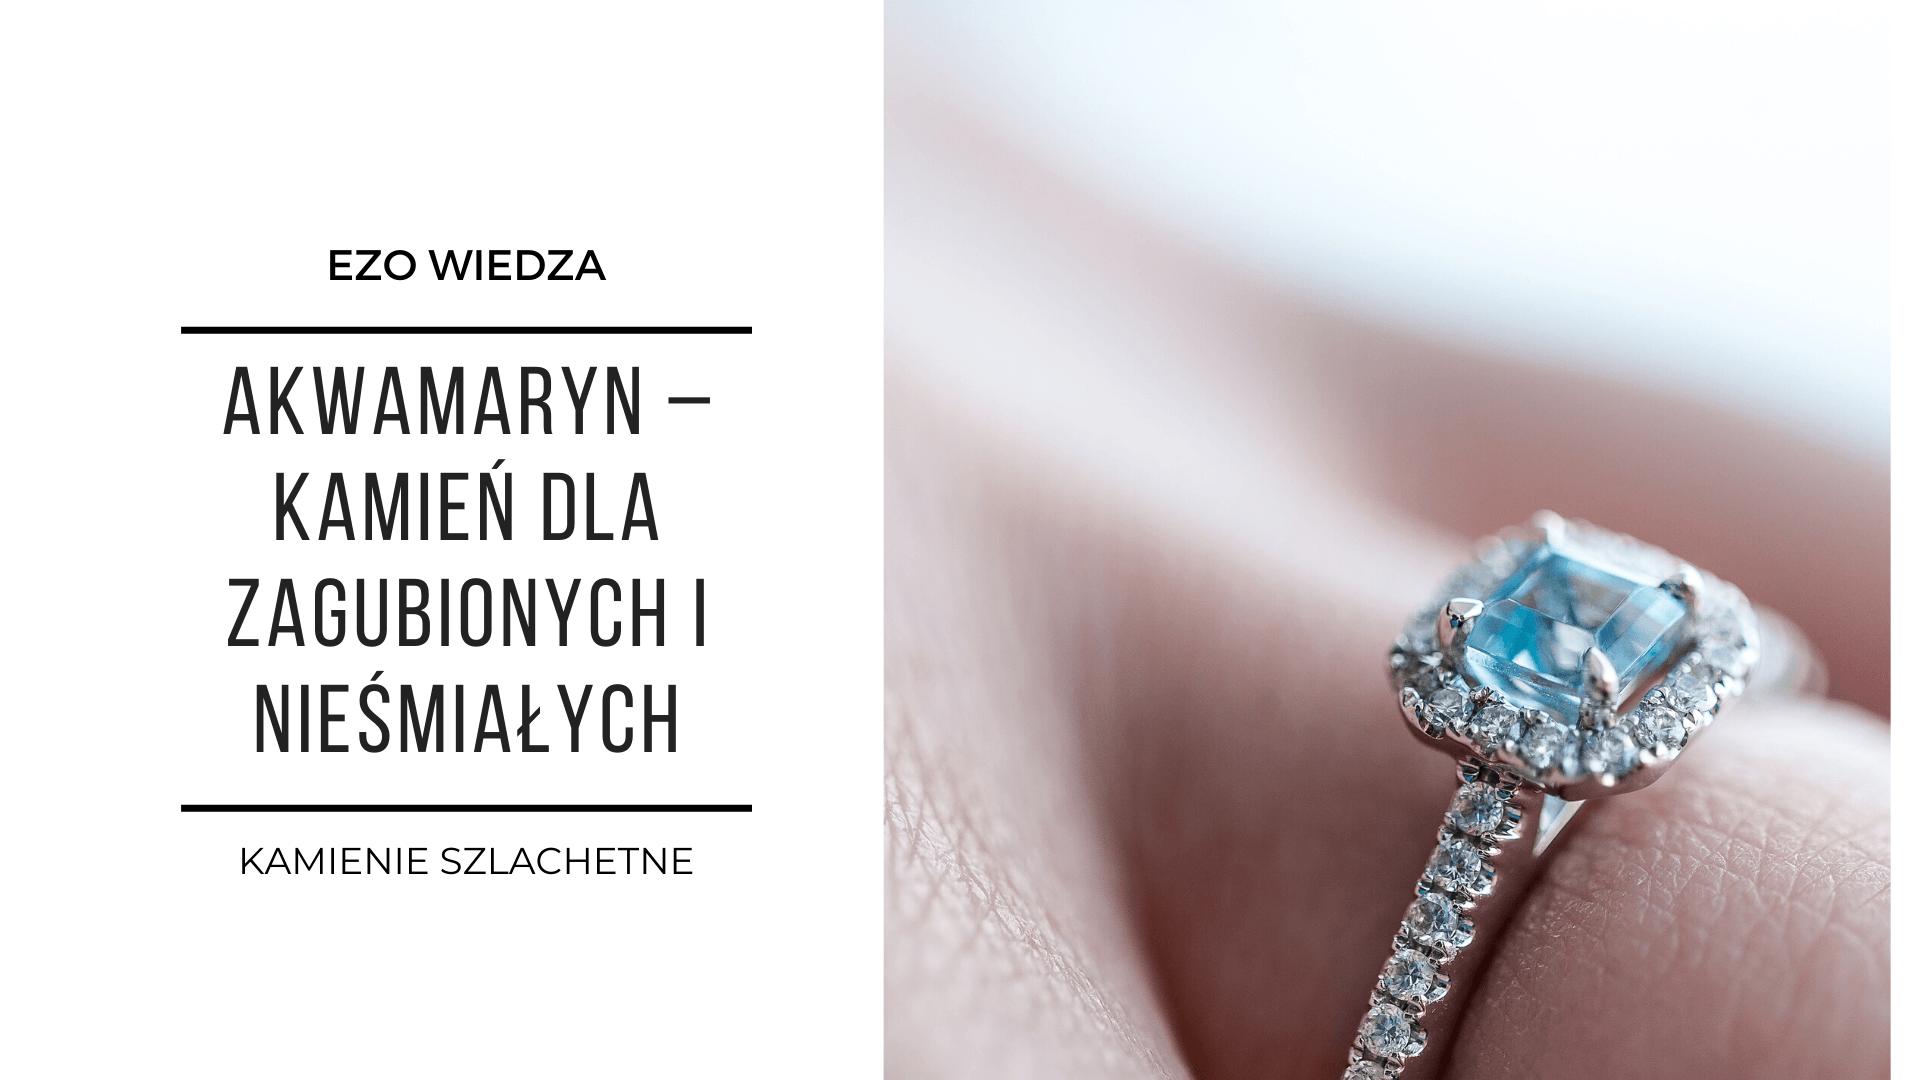 Akwamaryn – kamień szlachetny dla zagubionych 2